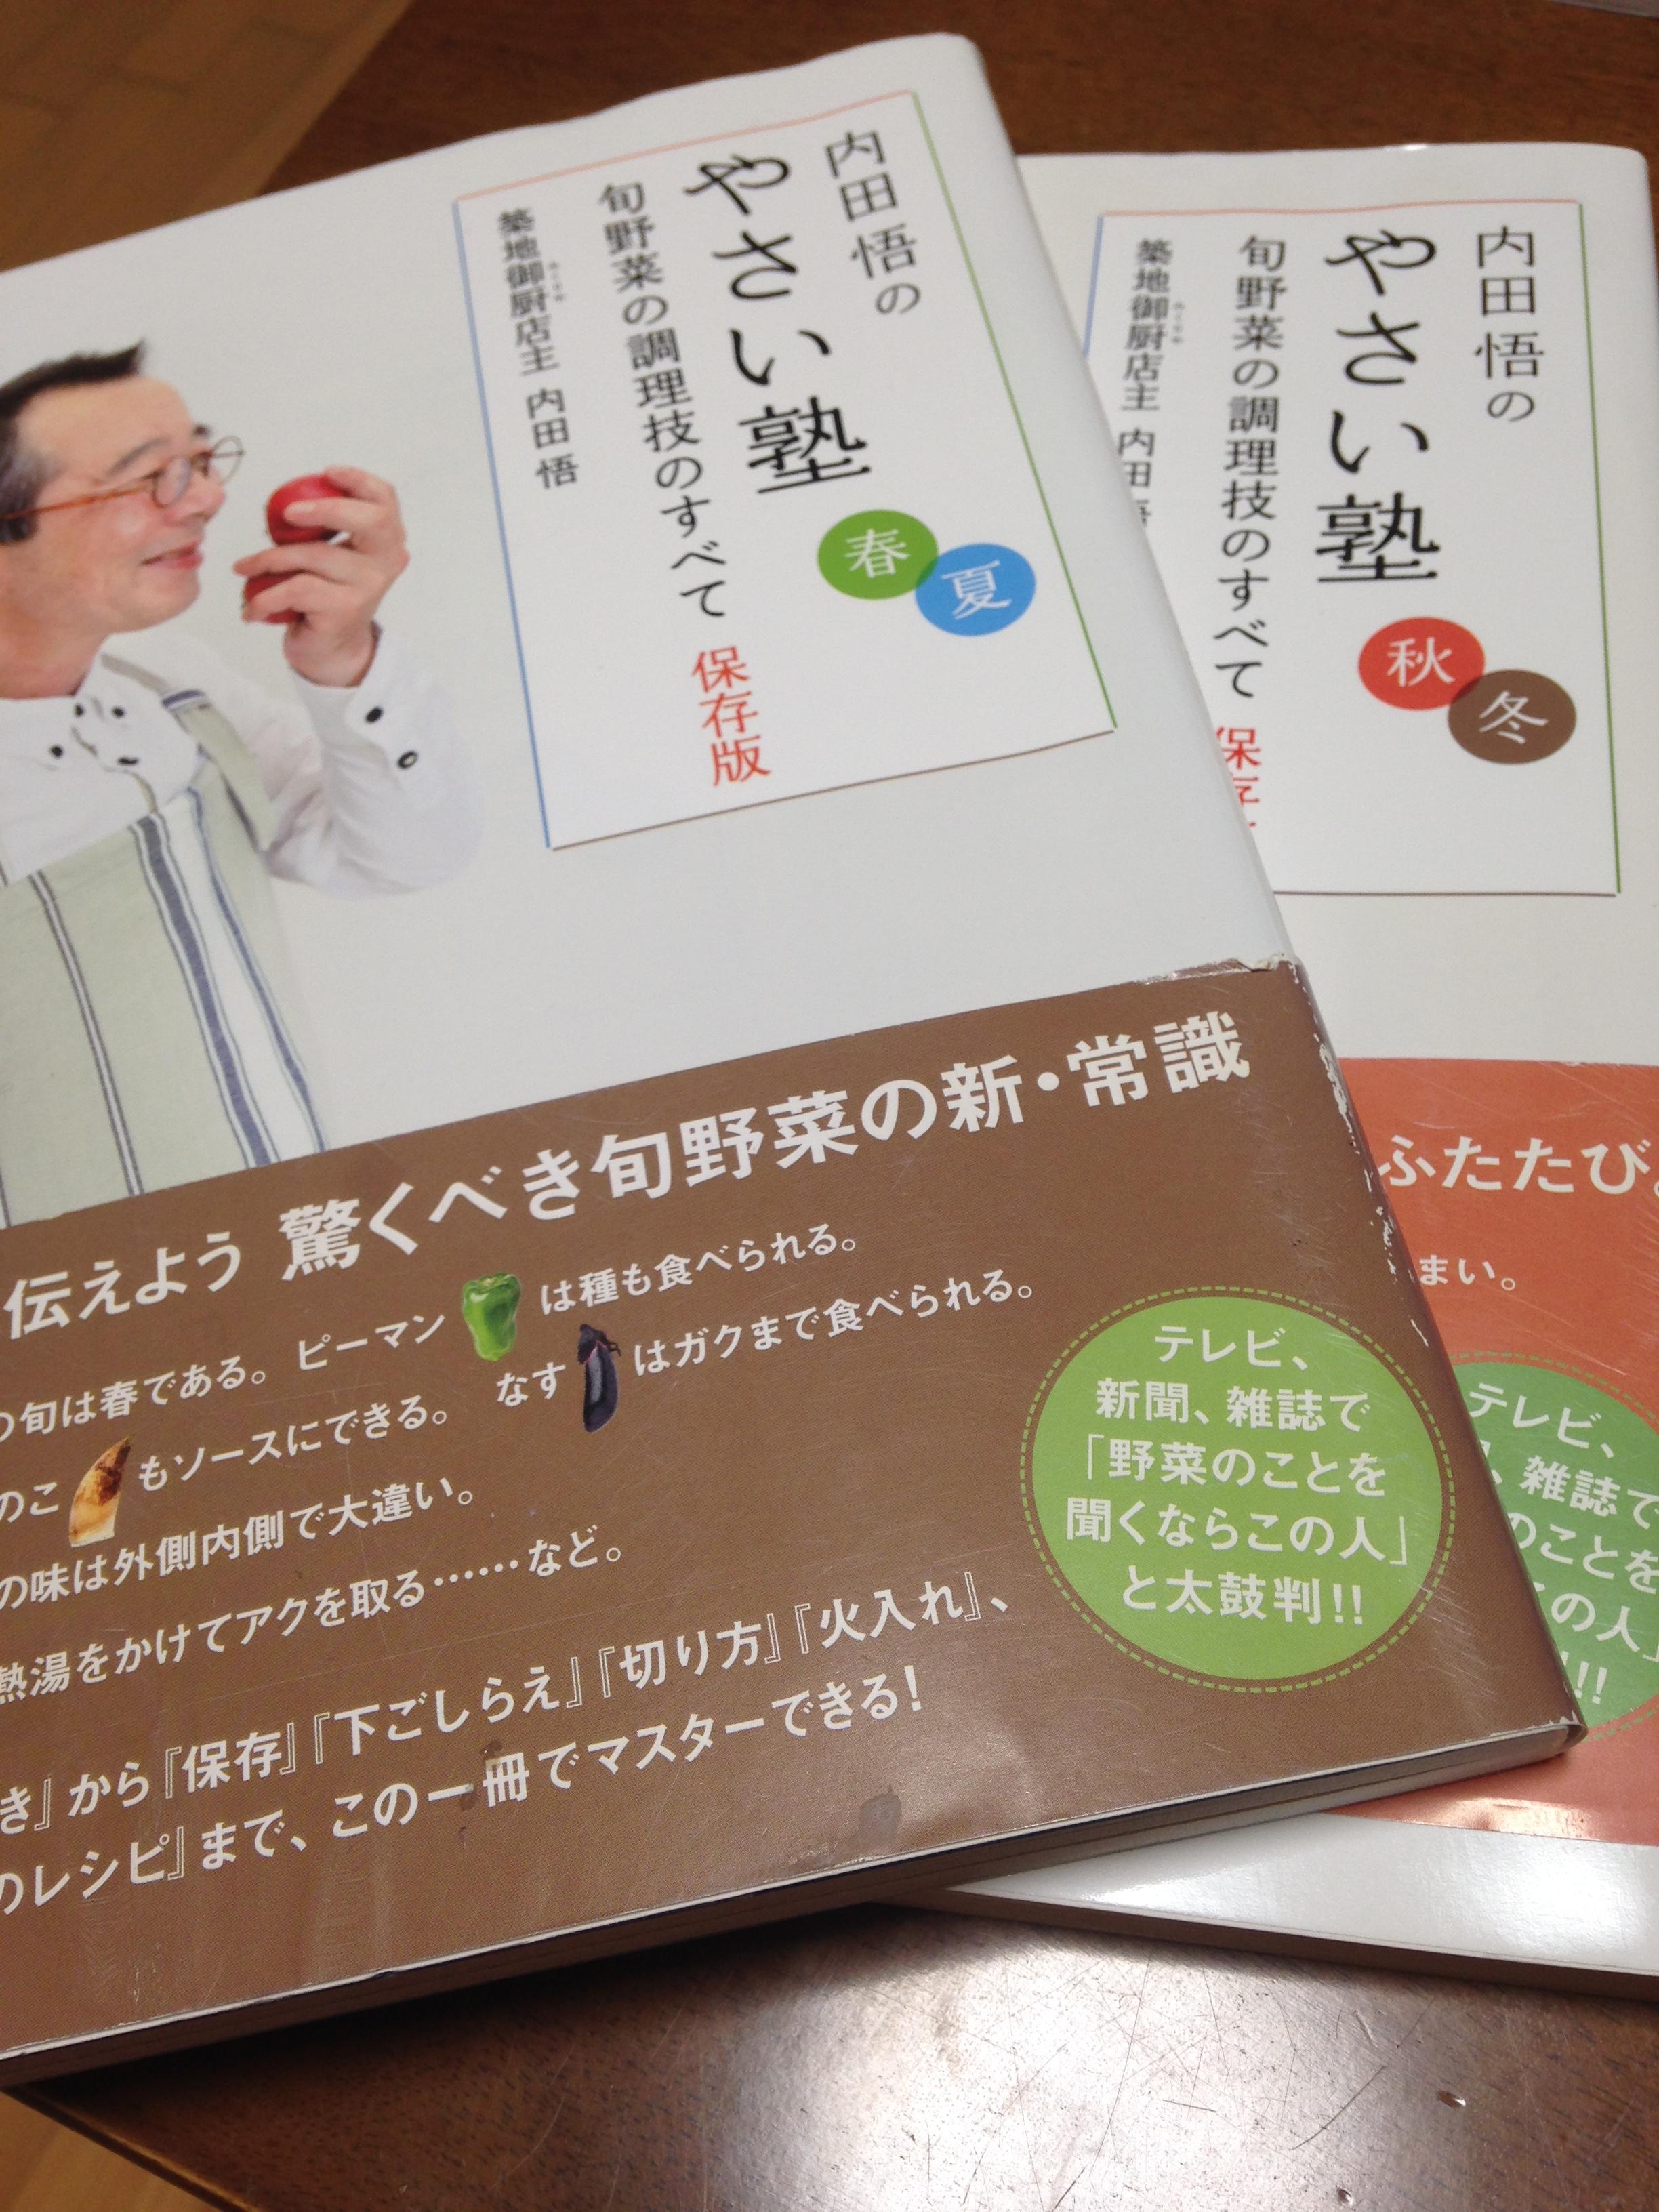 野菜ソムリエが勉強する野菜の本① 「内田悟のやさい塾」